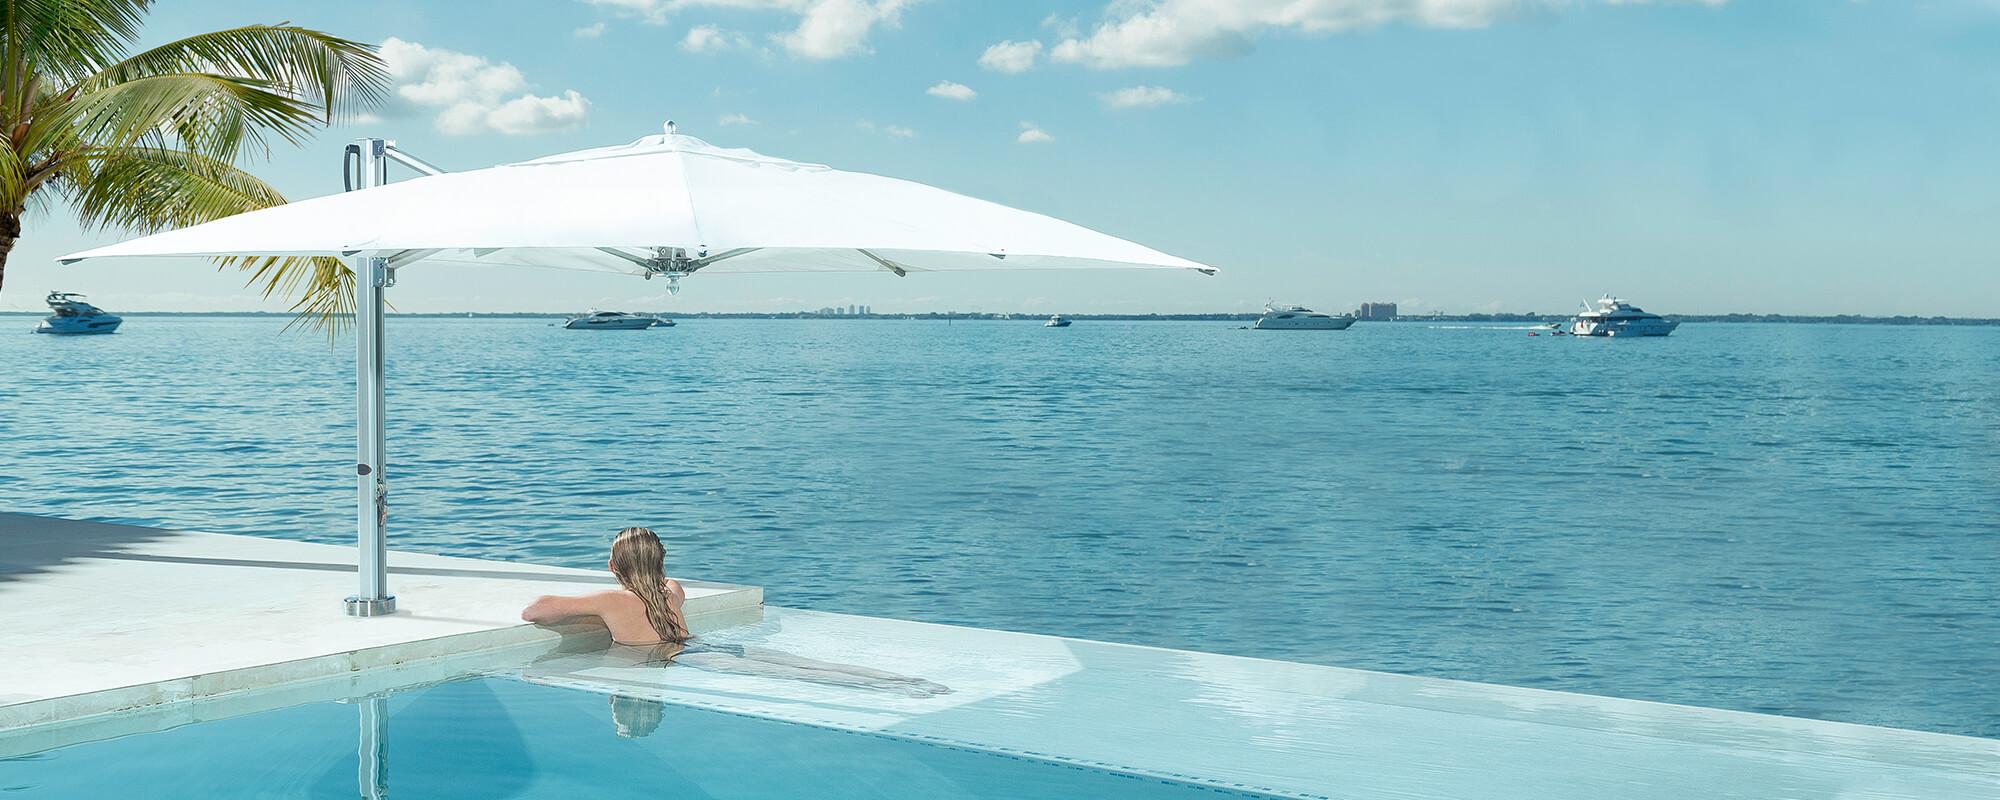 pool side swim under cantilever bay master umbrellas. Black Bedroom Furniture Sets. Home Design Ideas